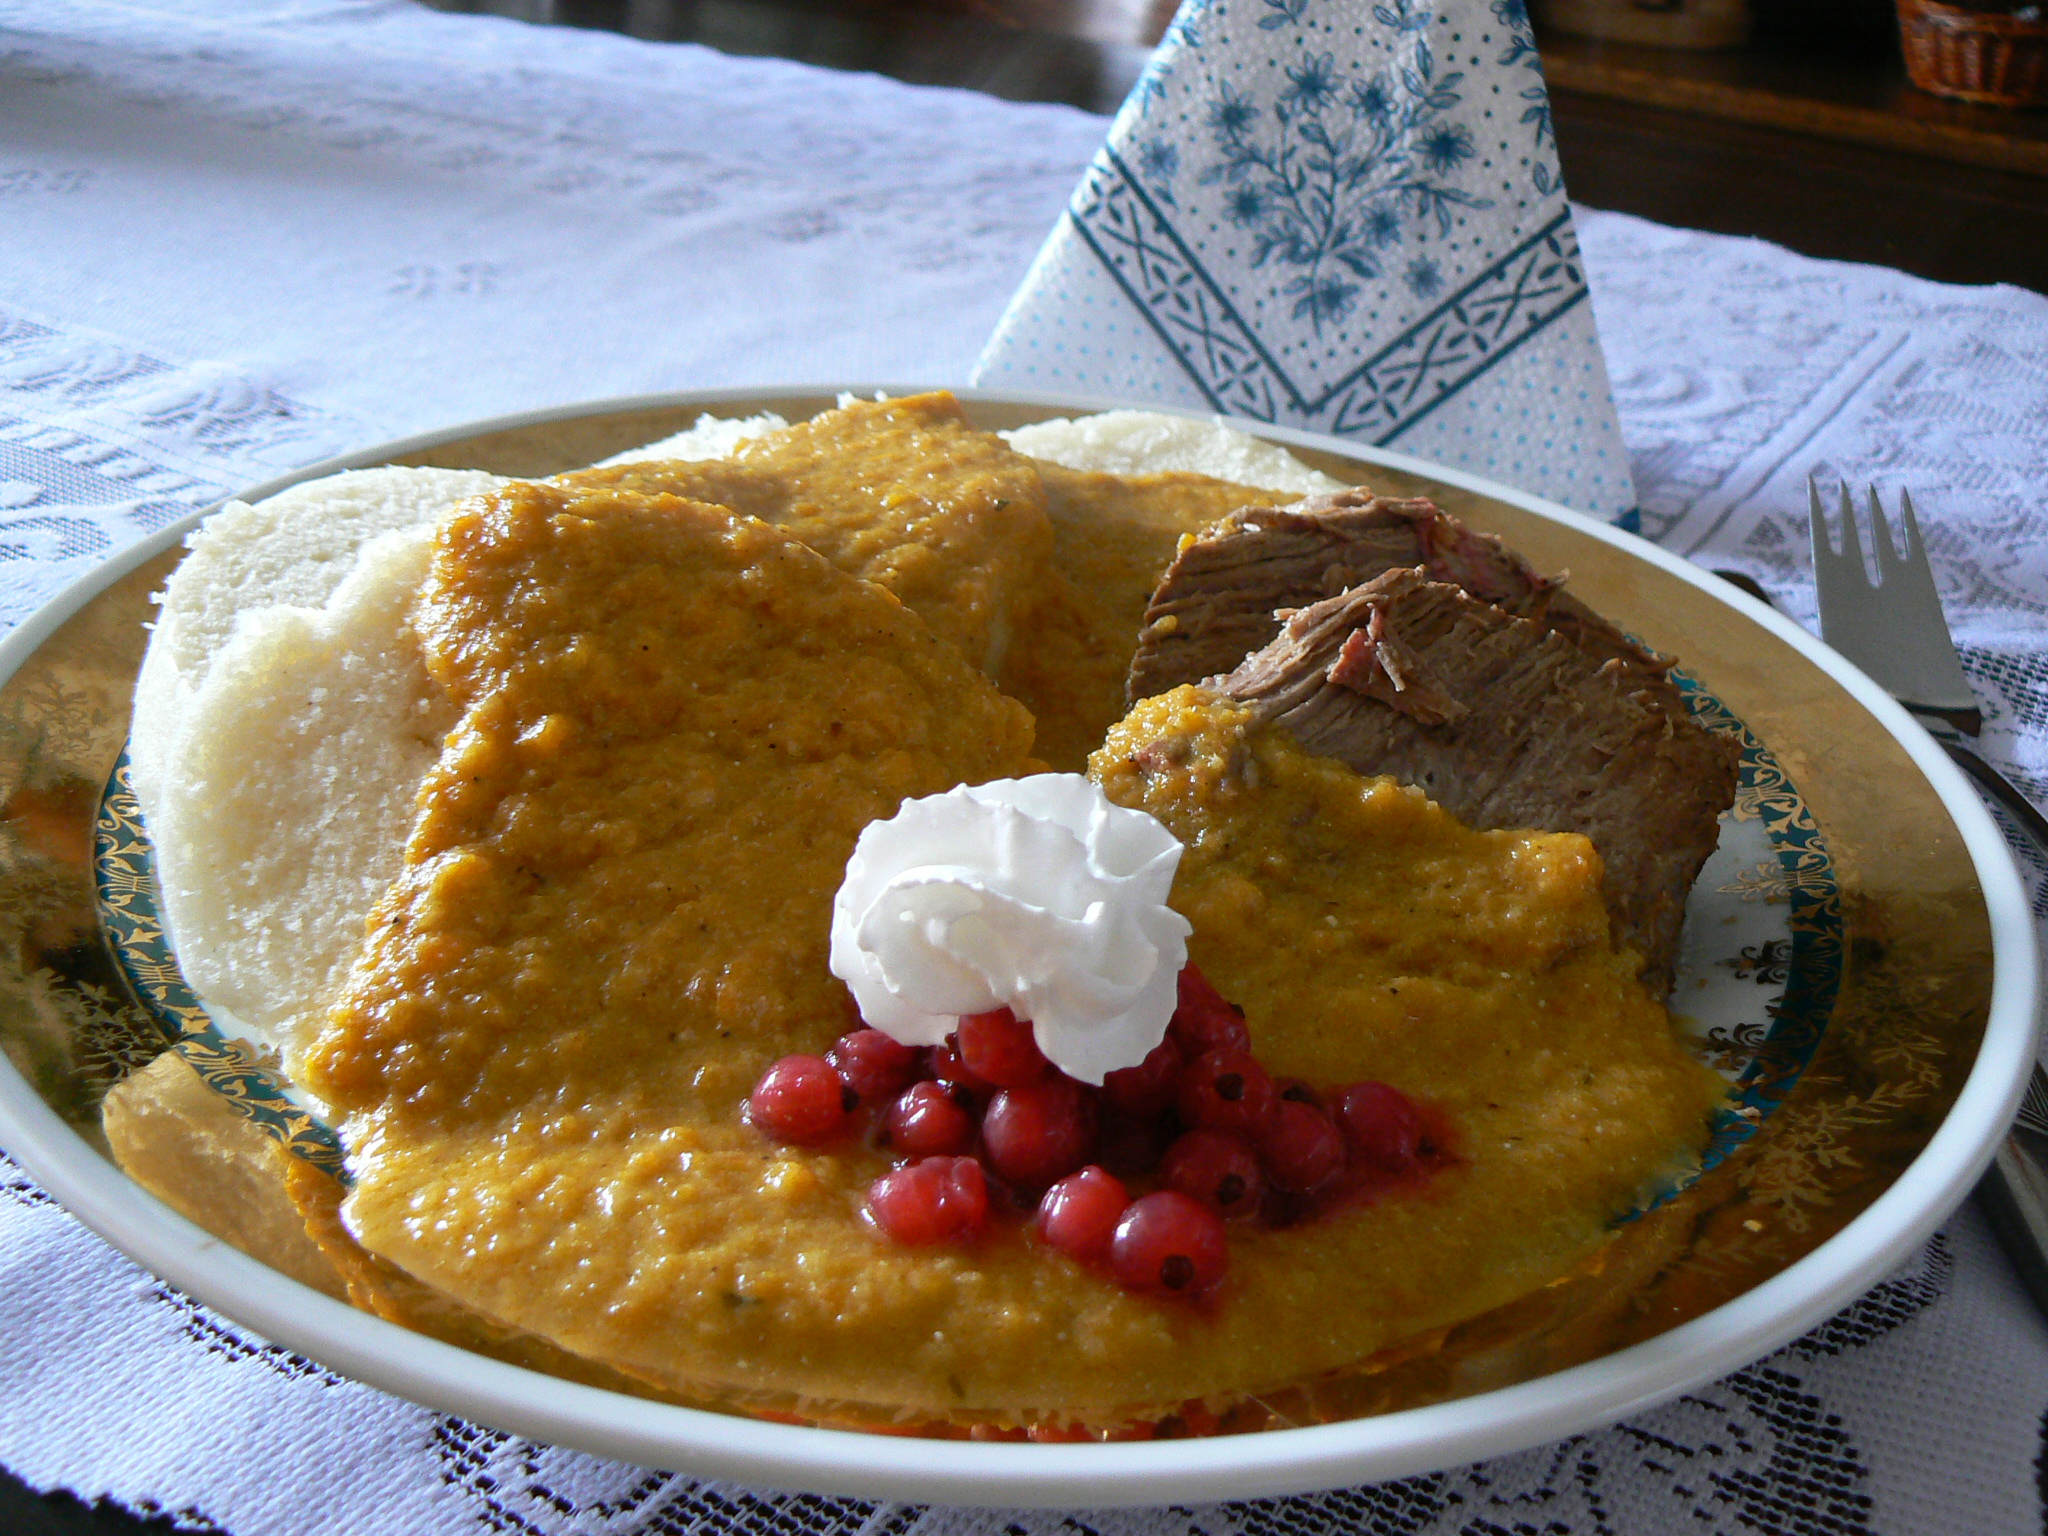 Fotografie receptu: Svíčková omáčka na smetaně